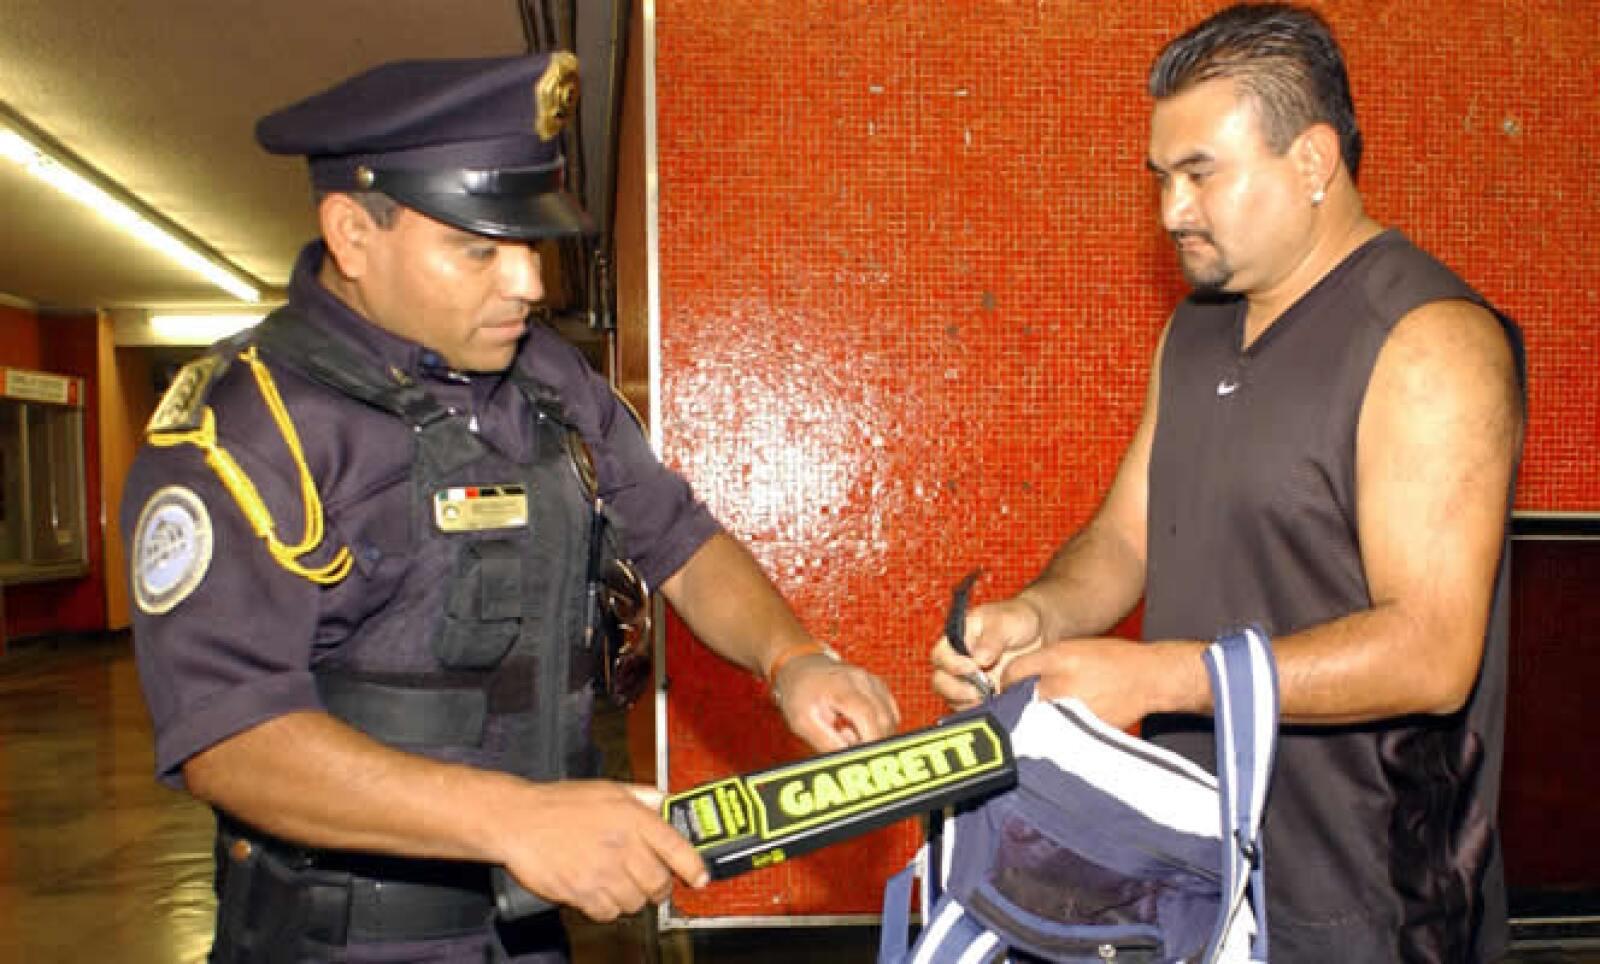 1,600 elementos armados de la SSP del DF reforzarán la seguridad en el Metro, después de la balacera protagonizada por Luis Felipe Hernández el viernes 18 en la estación Balderas, en la que hubo 2 muertos y 5 lesionados.